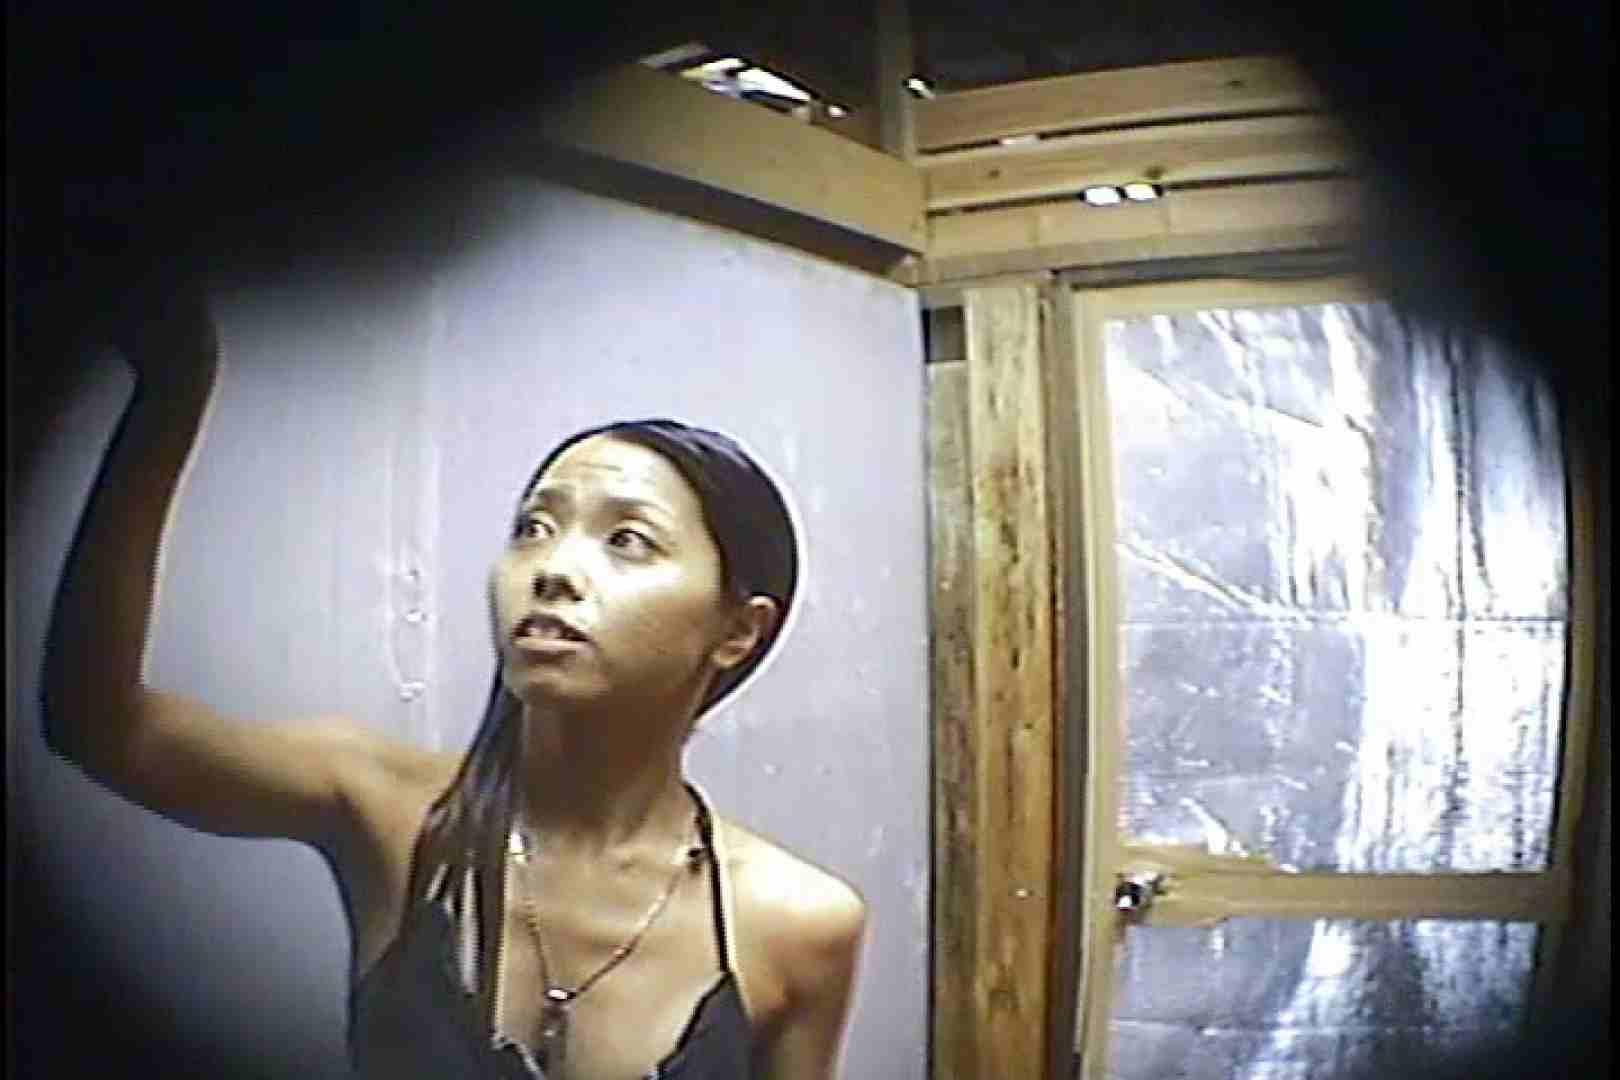 海の家の更衣室 Vol.45 シャワー中 | 美女達のヌード  64連発 41